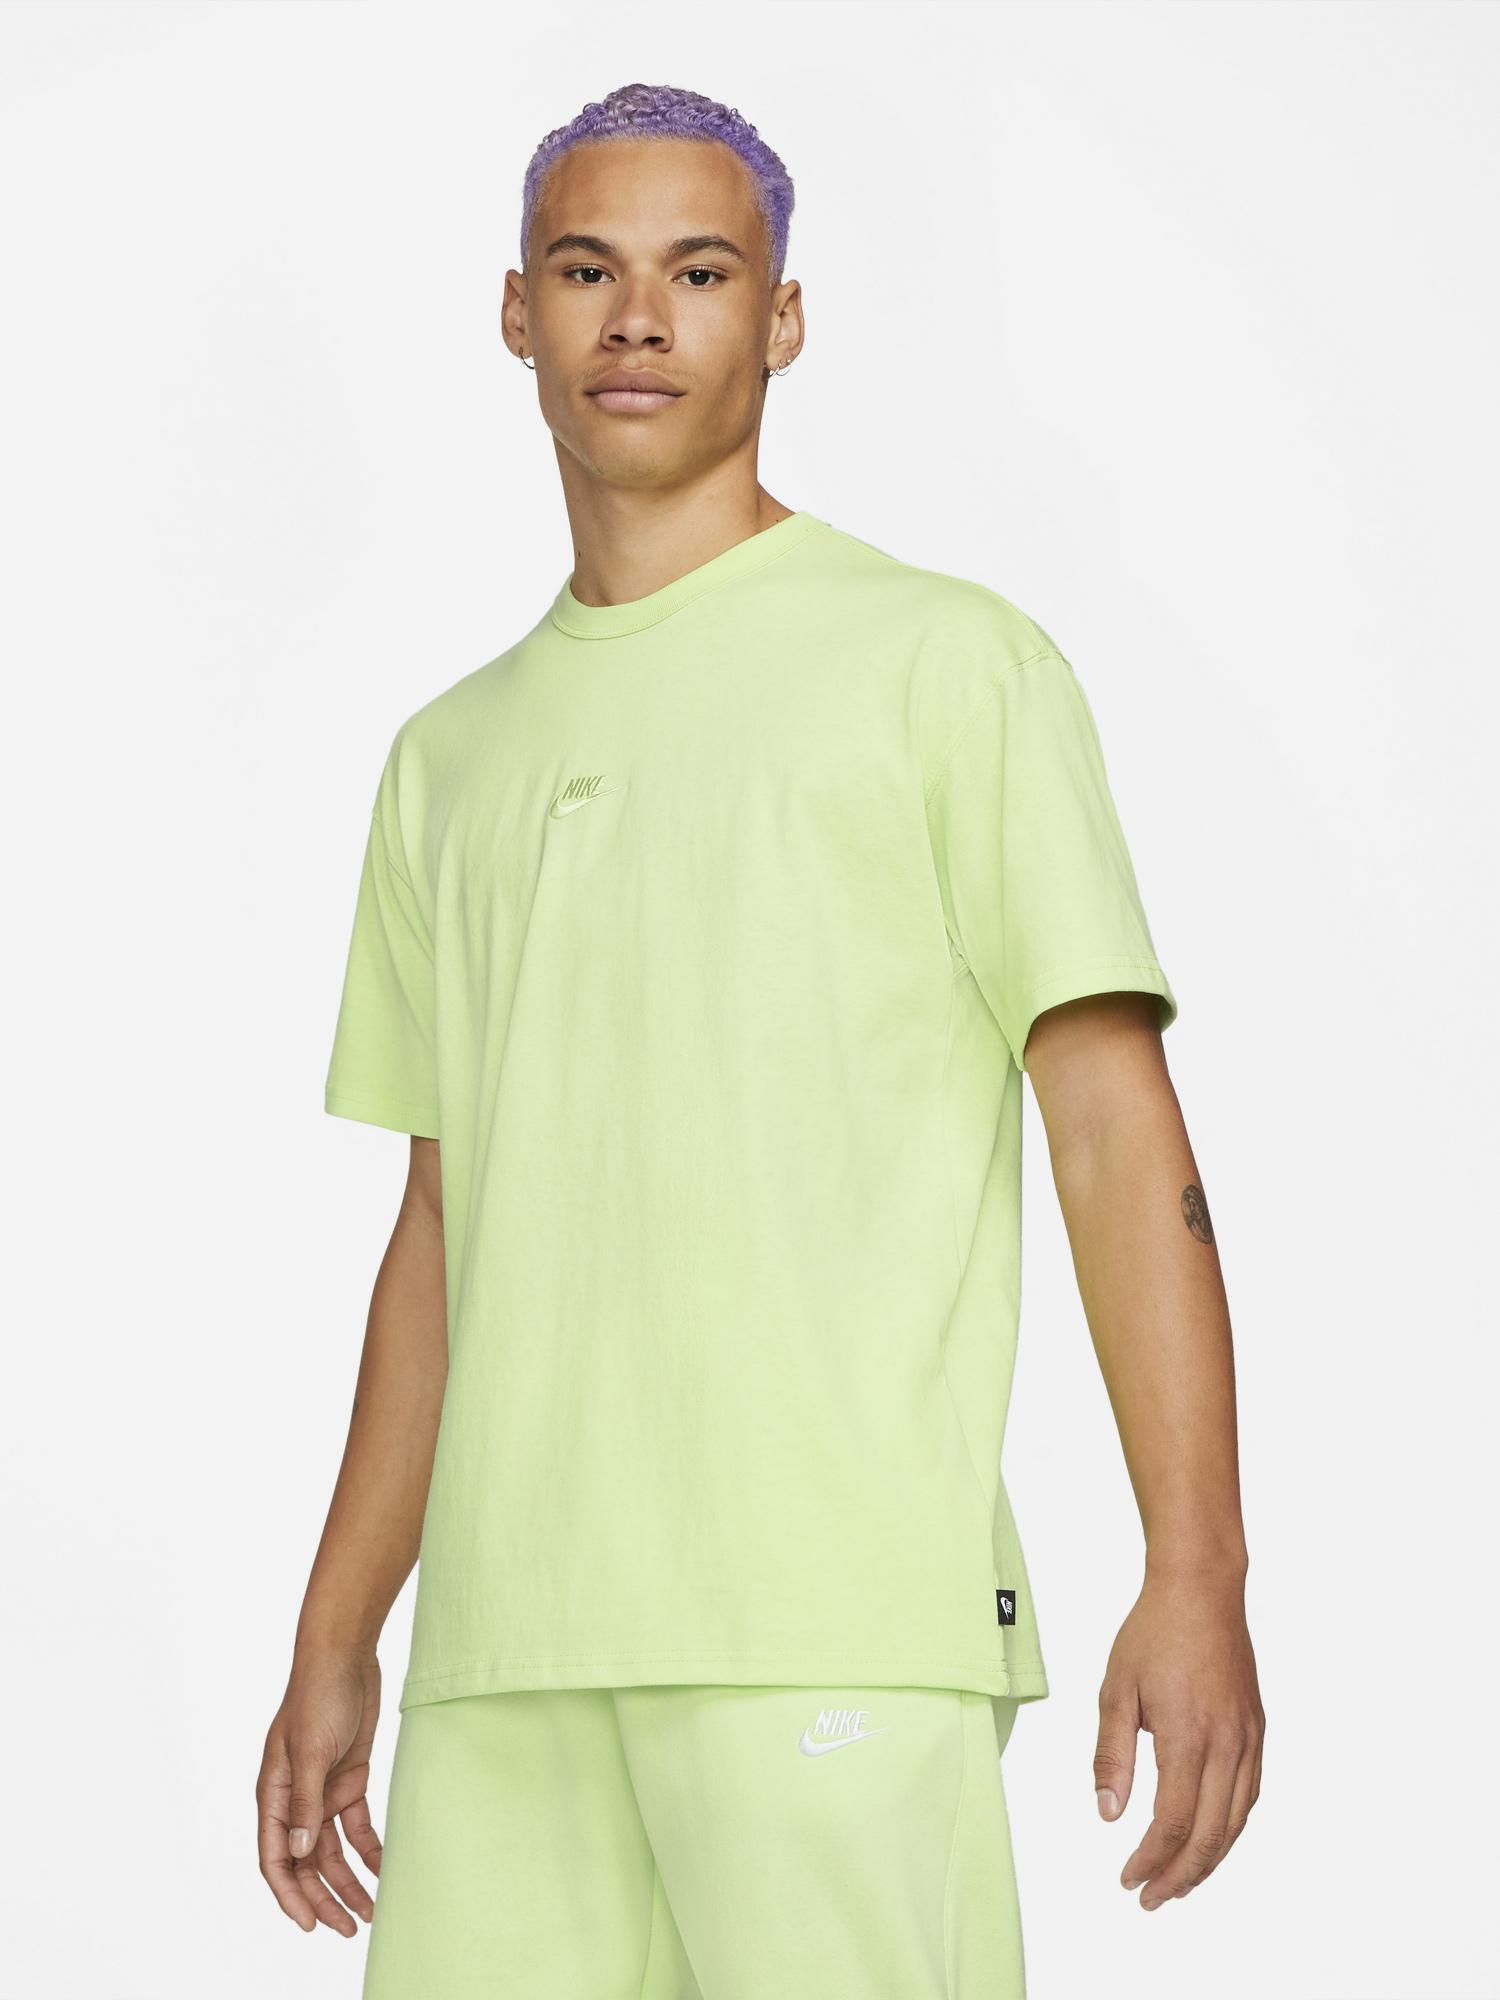 nike-sportswear-volt-premium-essentials-shirt-1